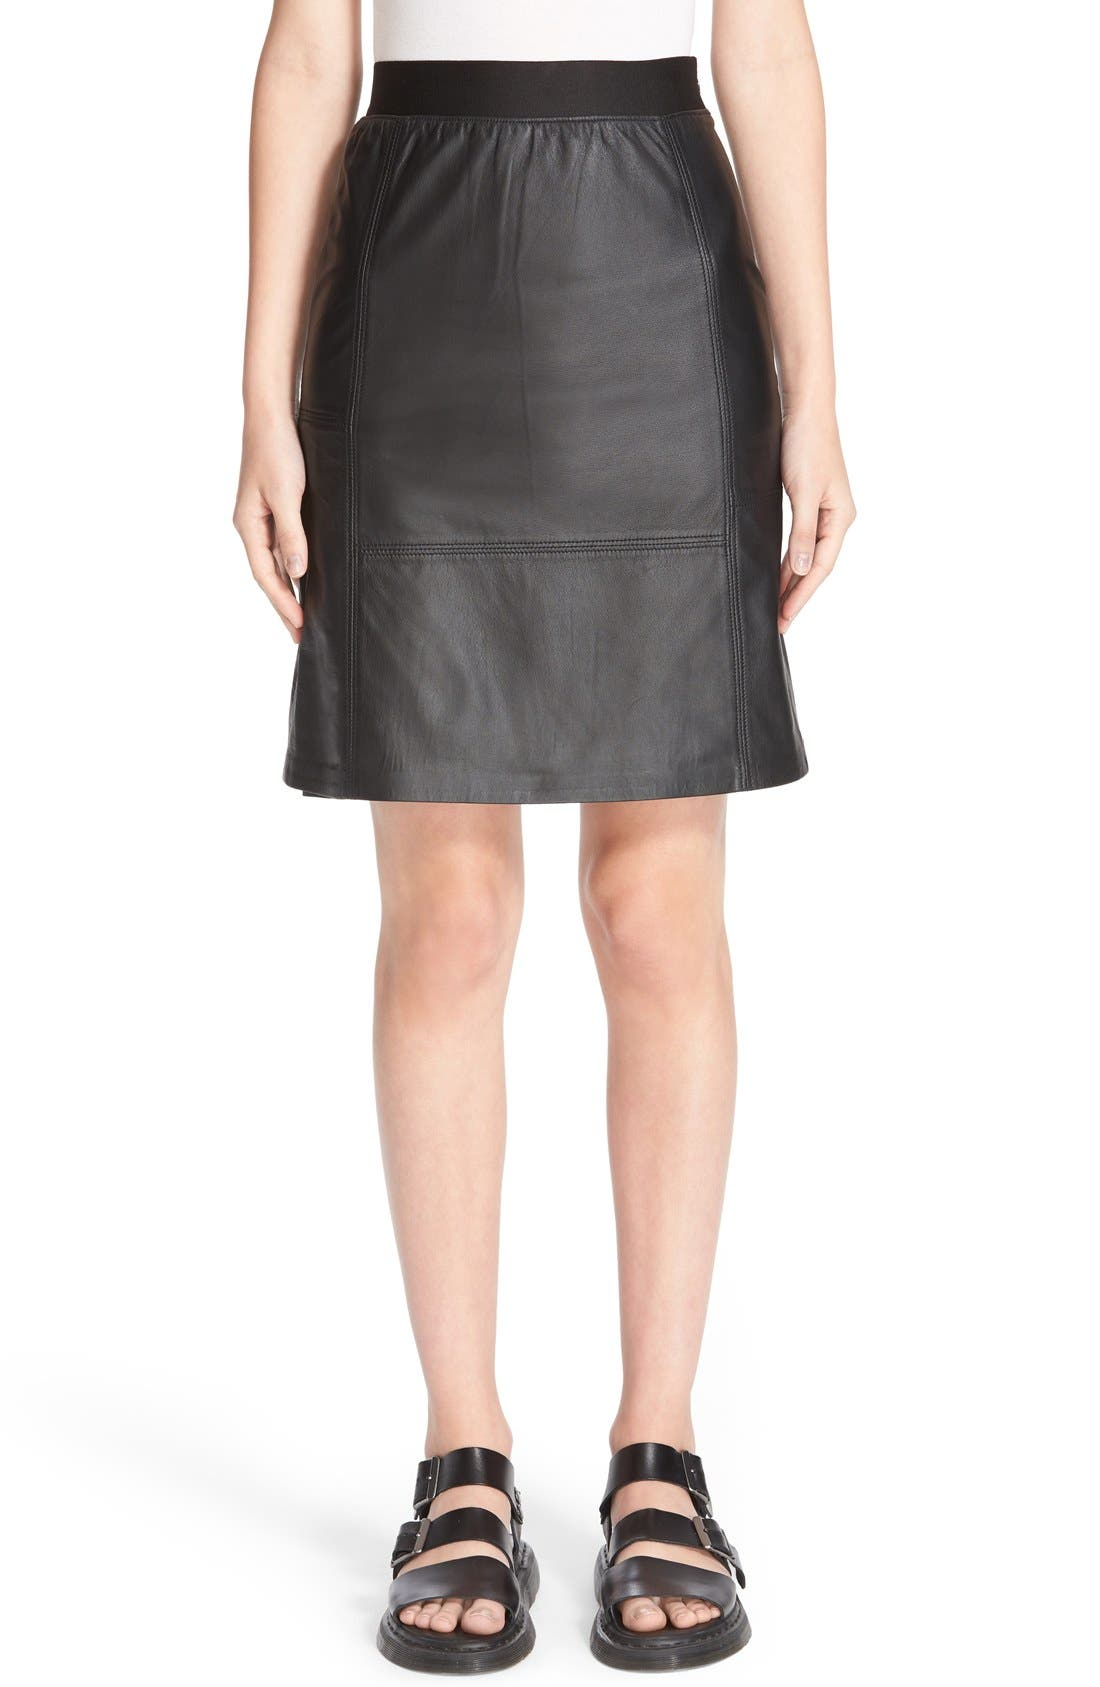 PUBLIC SCHOOL Lambskin Leather Miniskirt